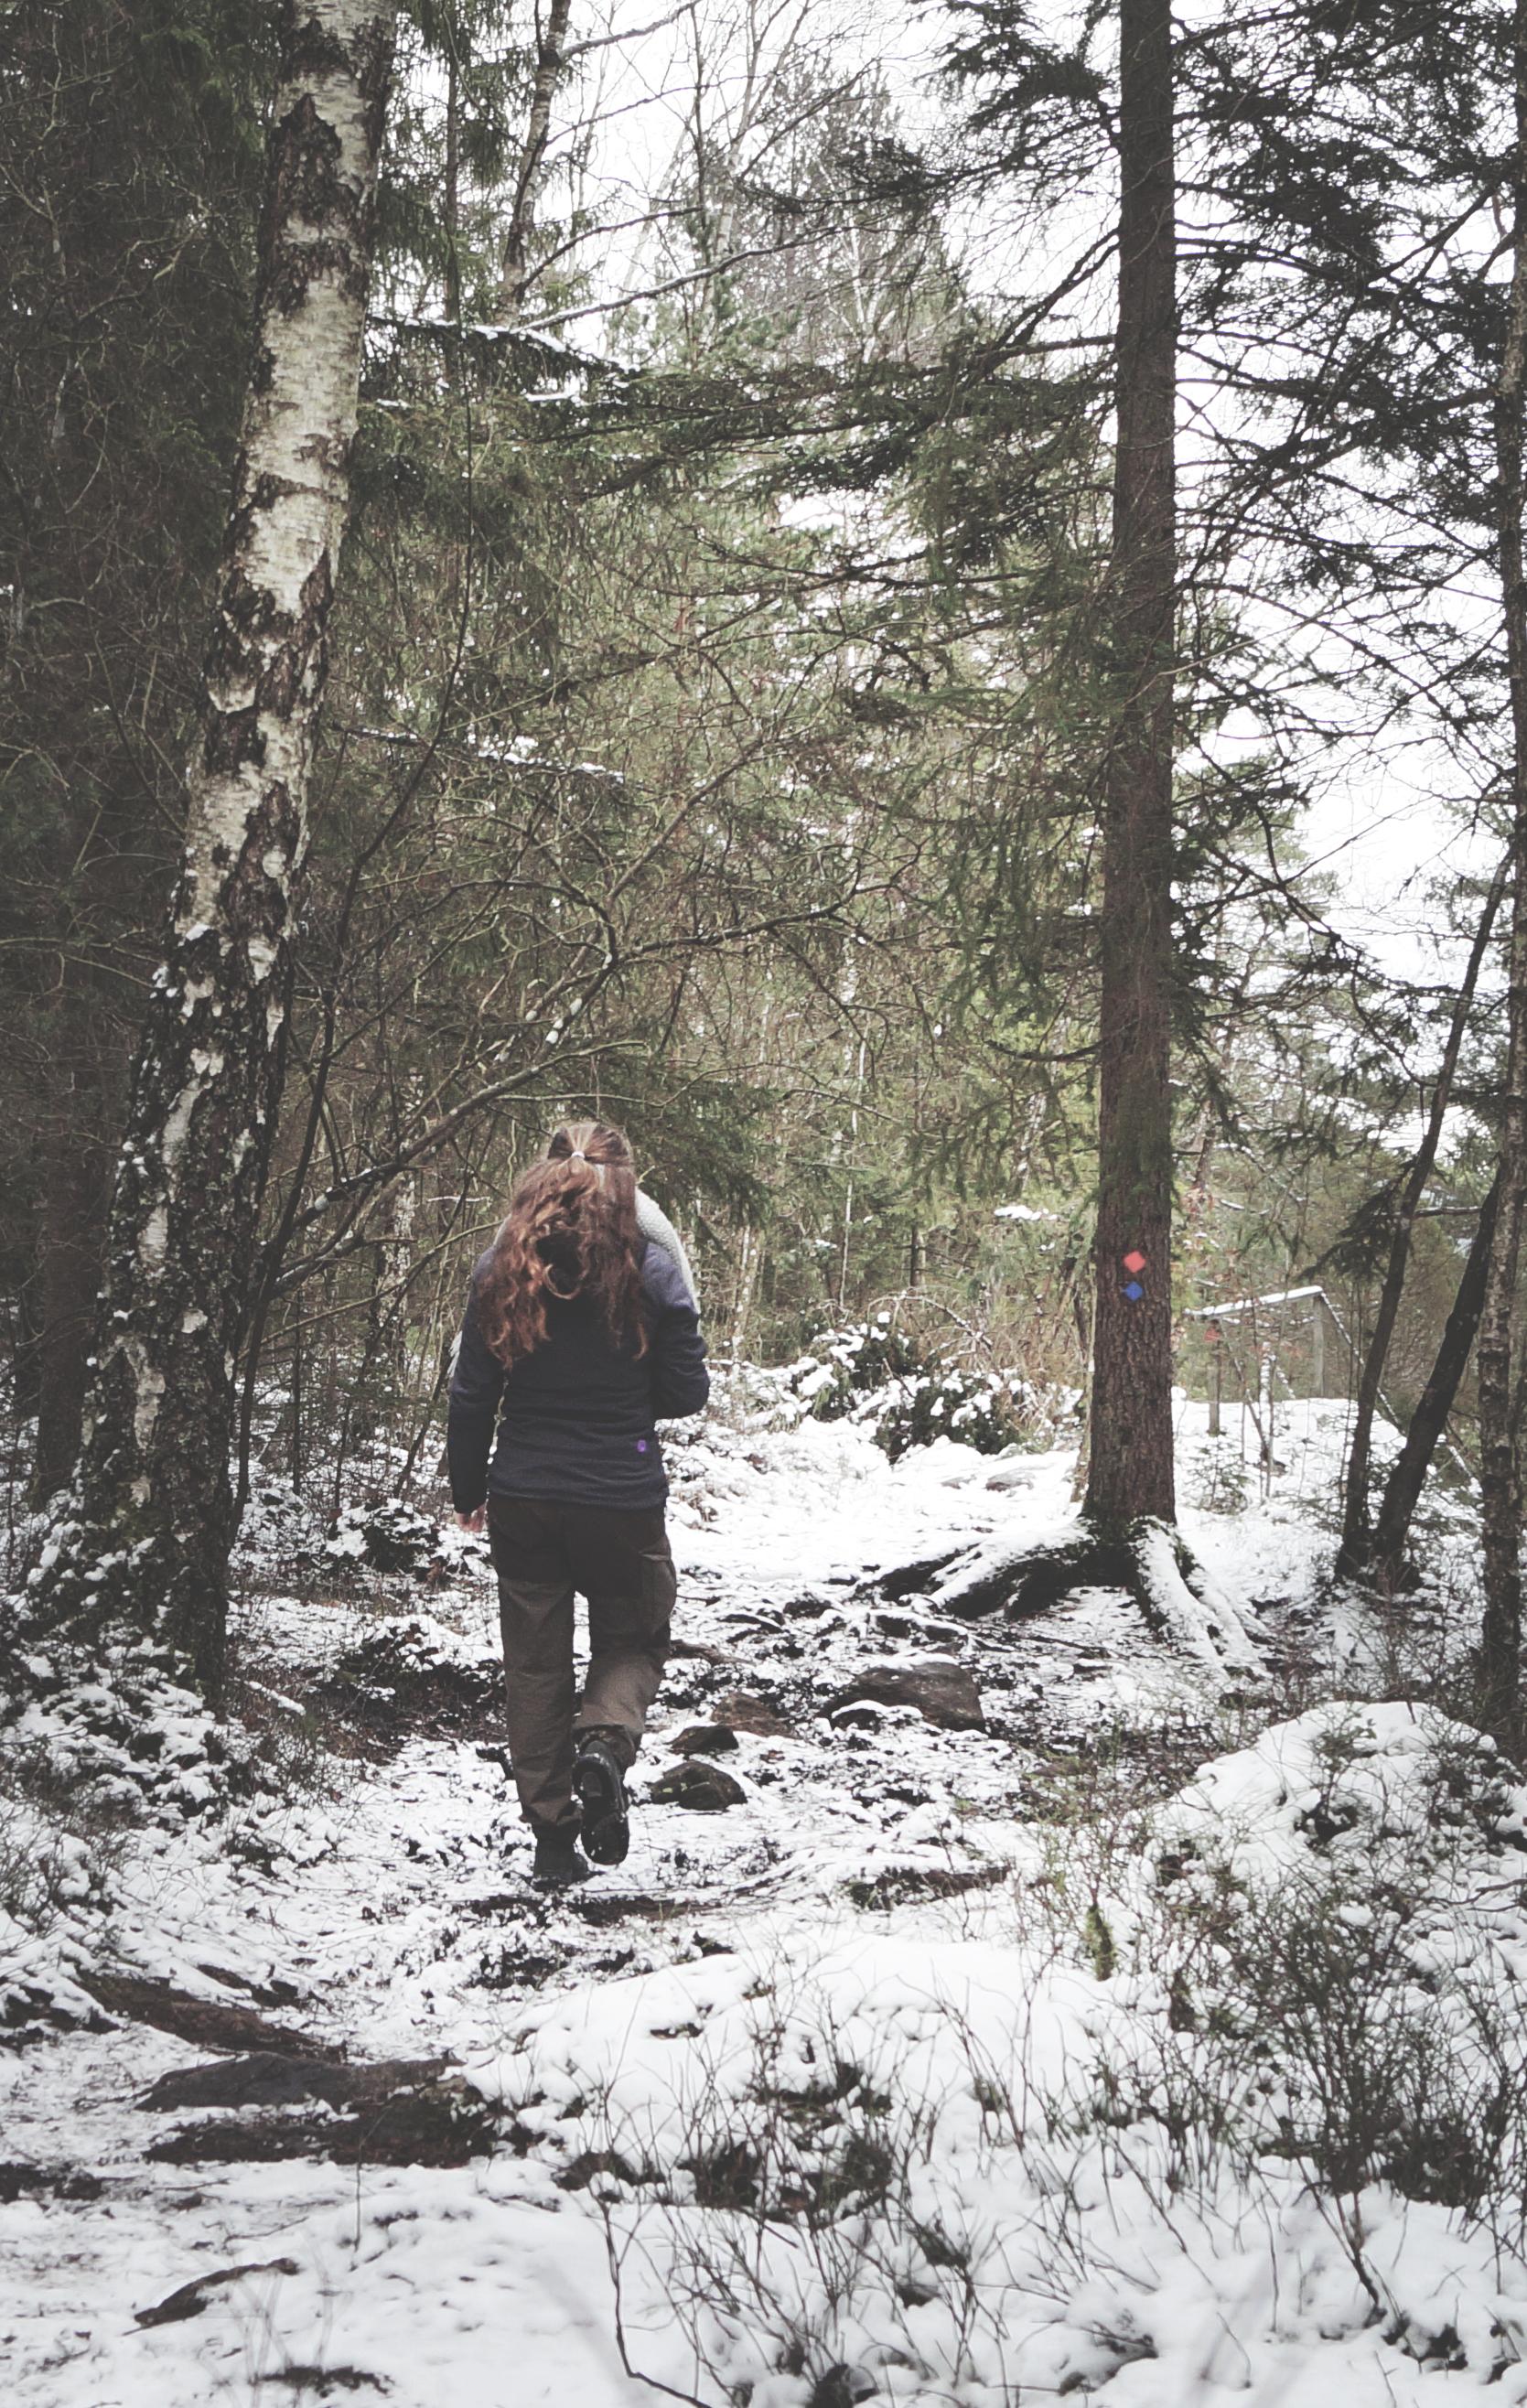 Försent för kärlek ren som snö